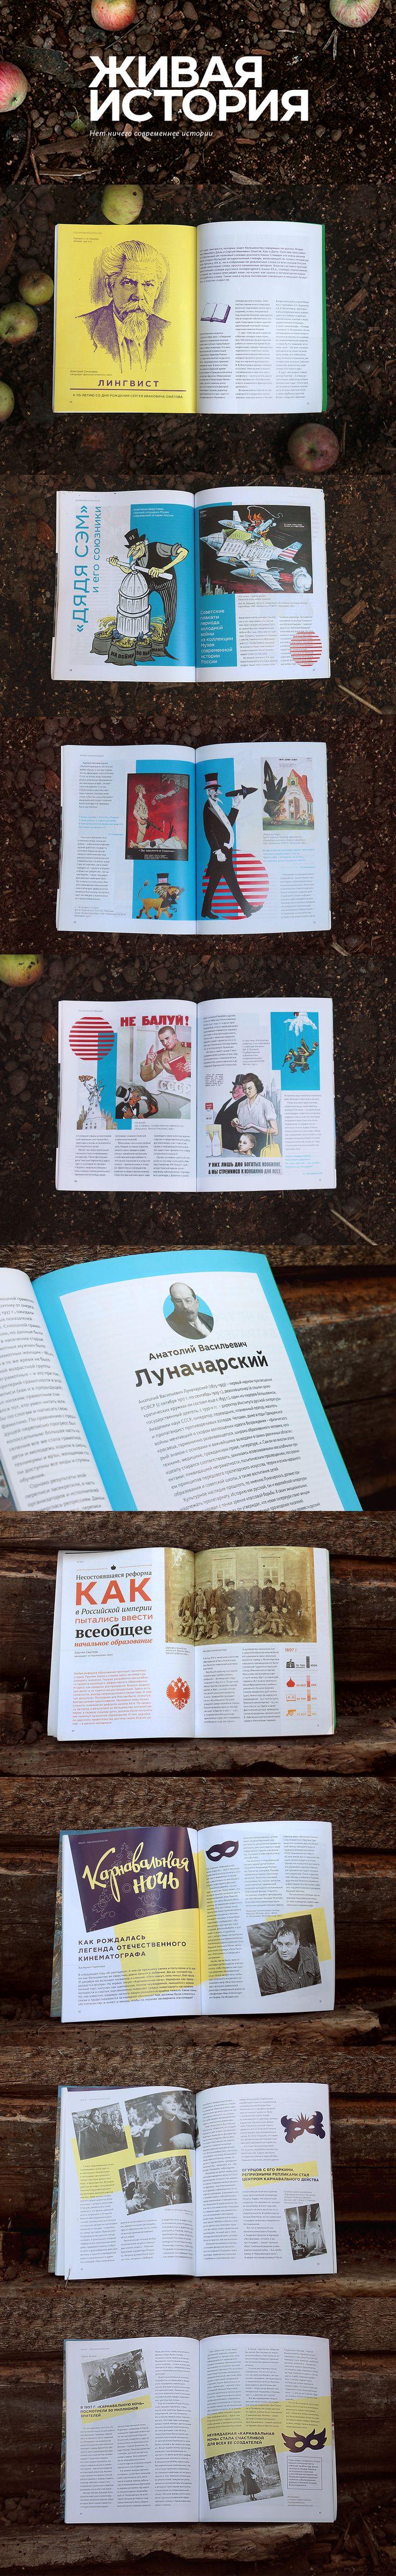 Живая история, Journals/Books © НинаТкачёва